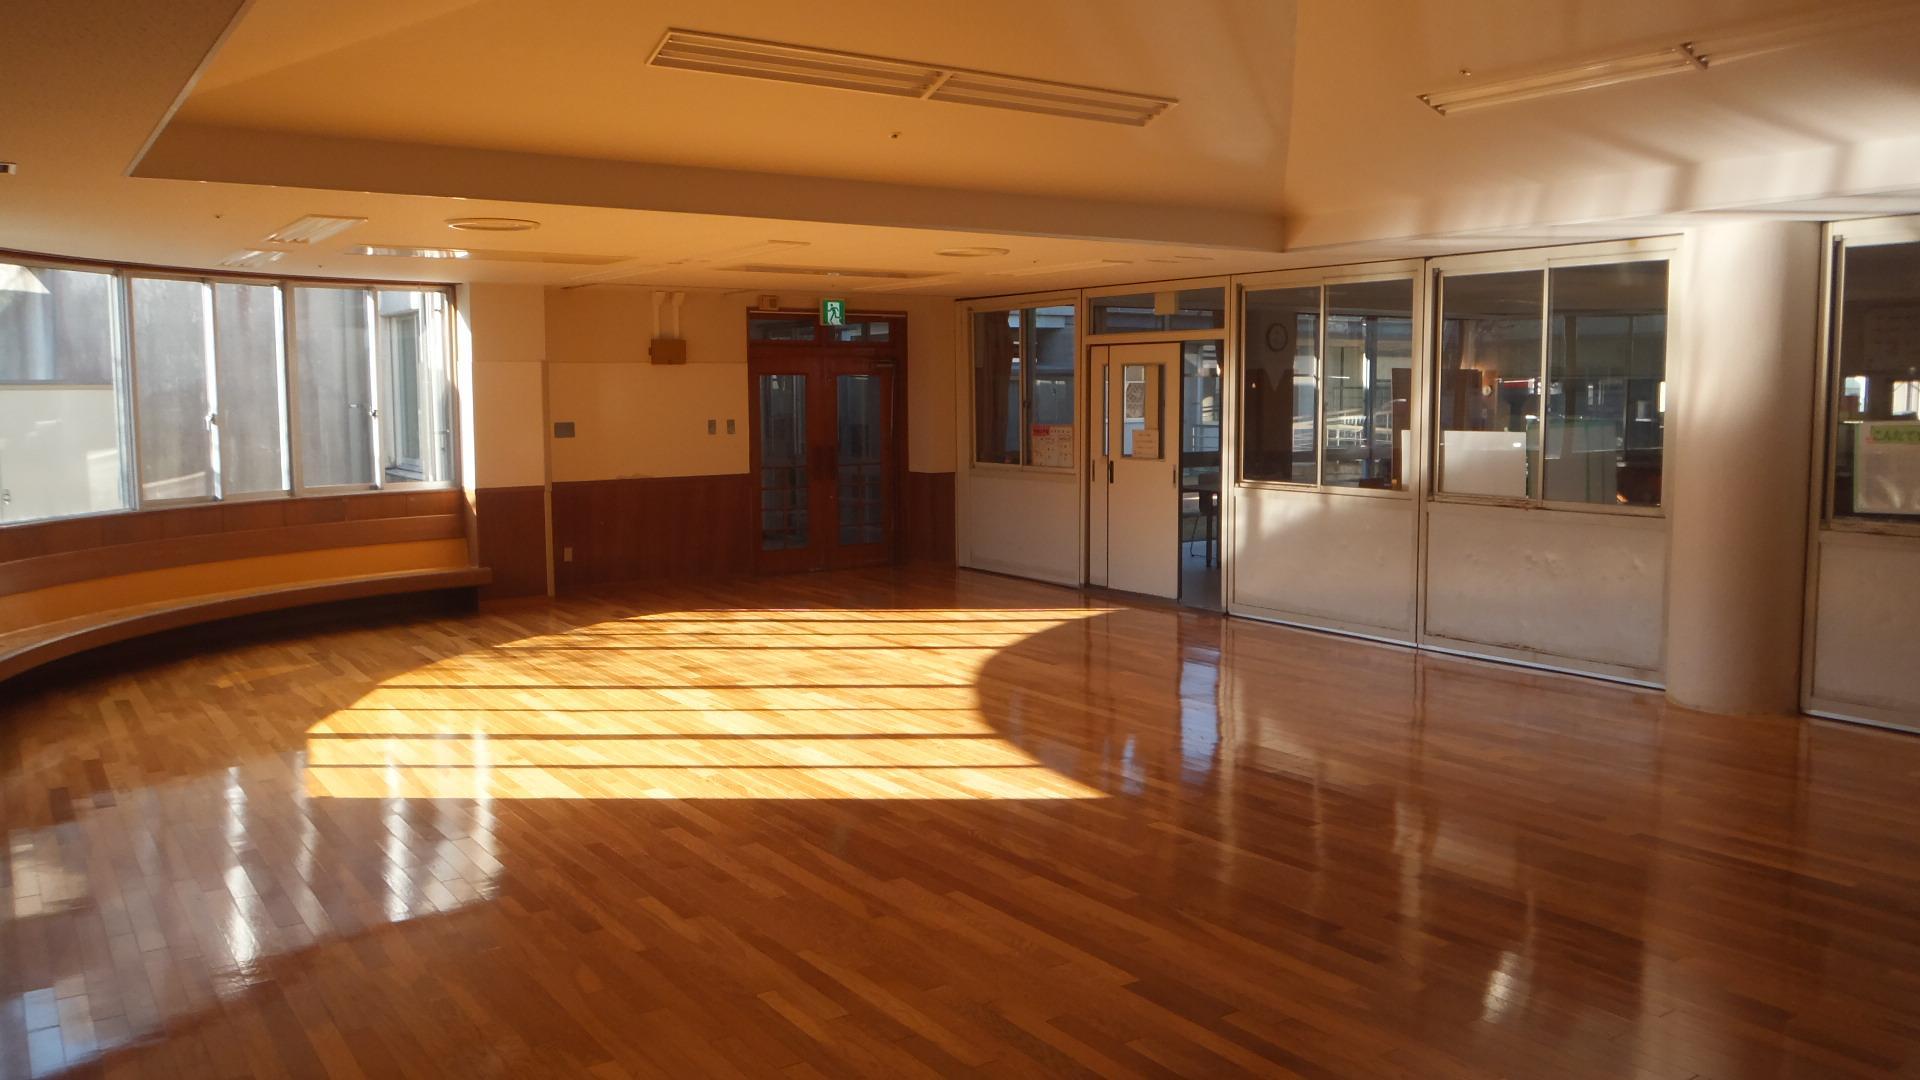 中央日房间(是仪式以及教室,入所幼儿园的儿童舒畅的房间。)